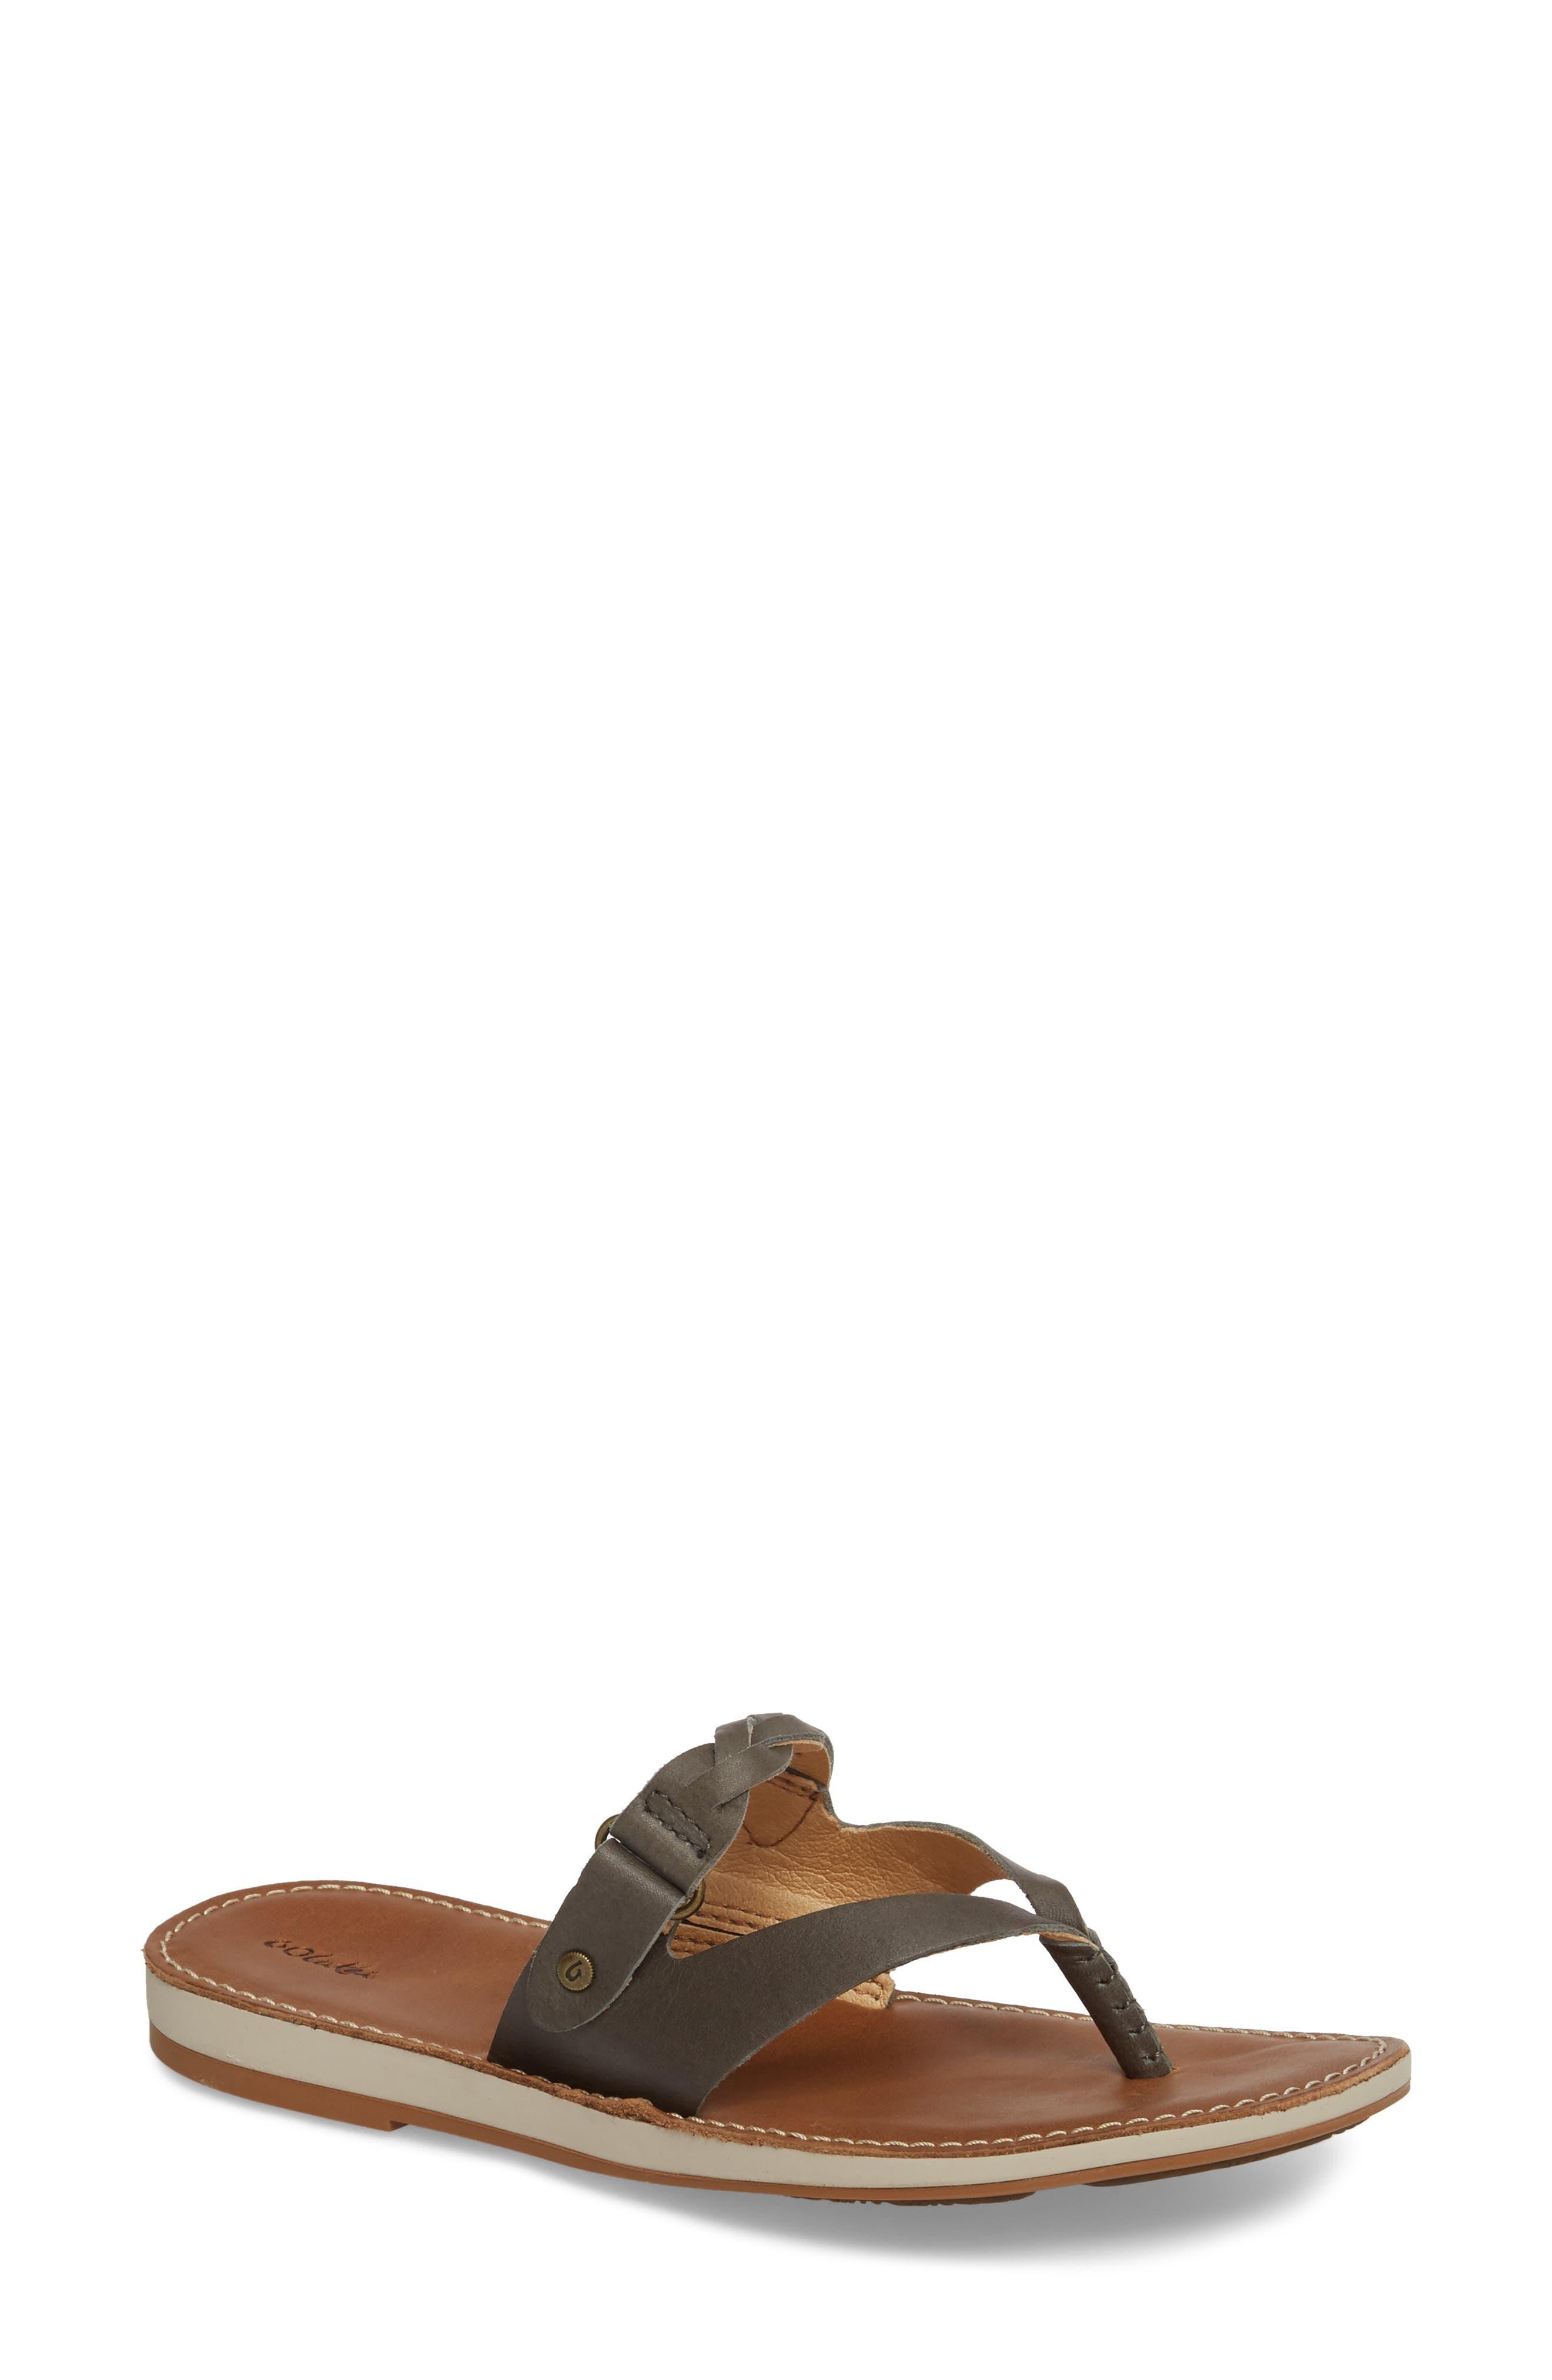 Kahikolu Flip Flop,                         Main,                         color, SLATE/ TAN LEATHER